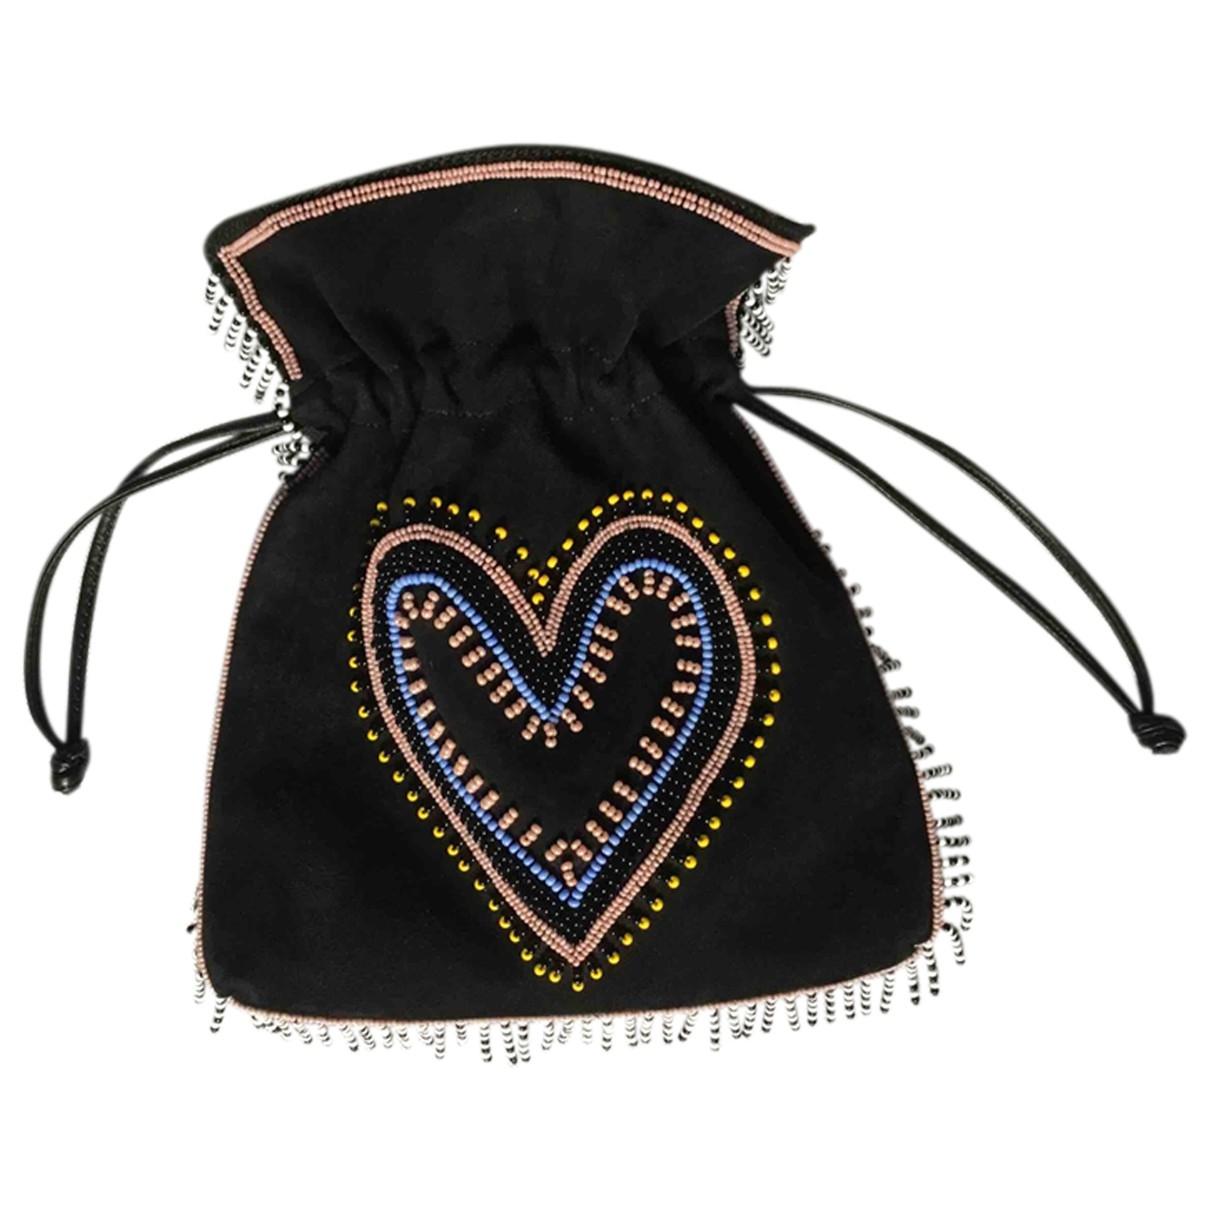 Les Petits Joueurs \N Black Suede handbag for Women \N